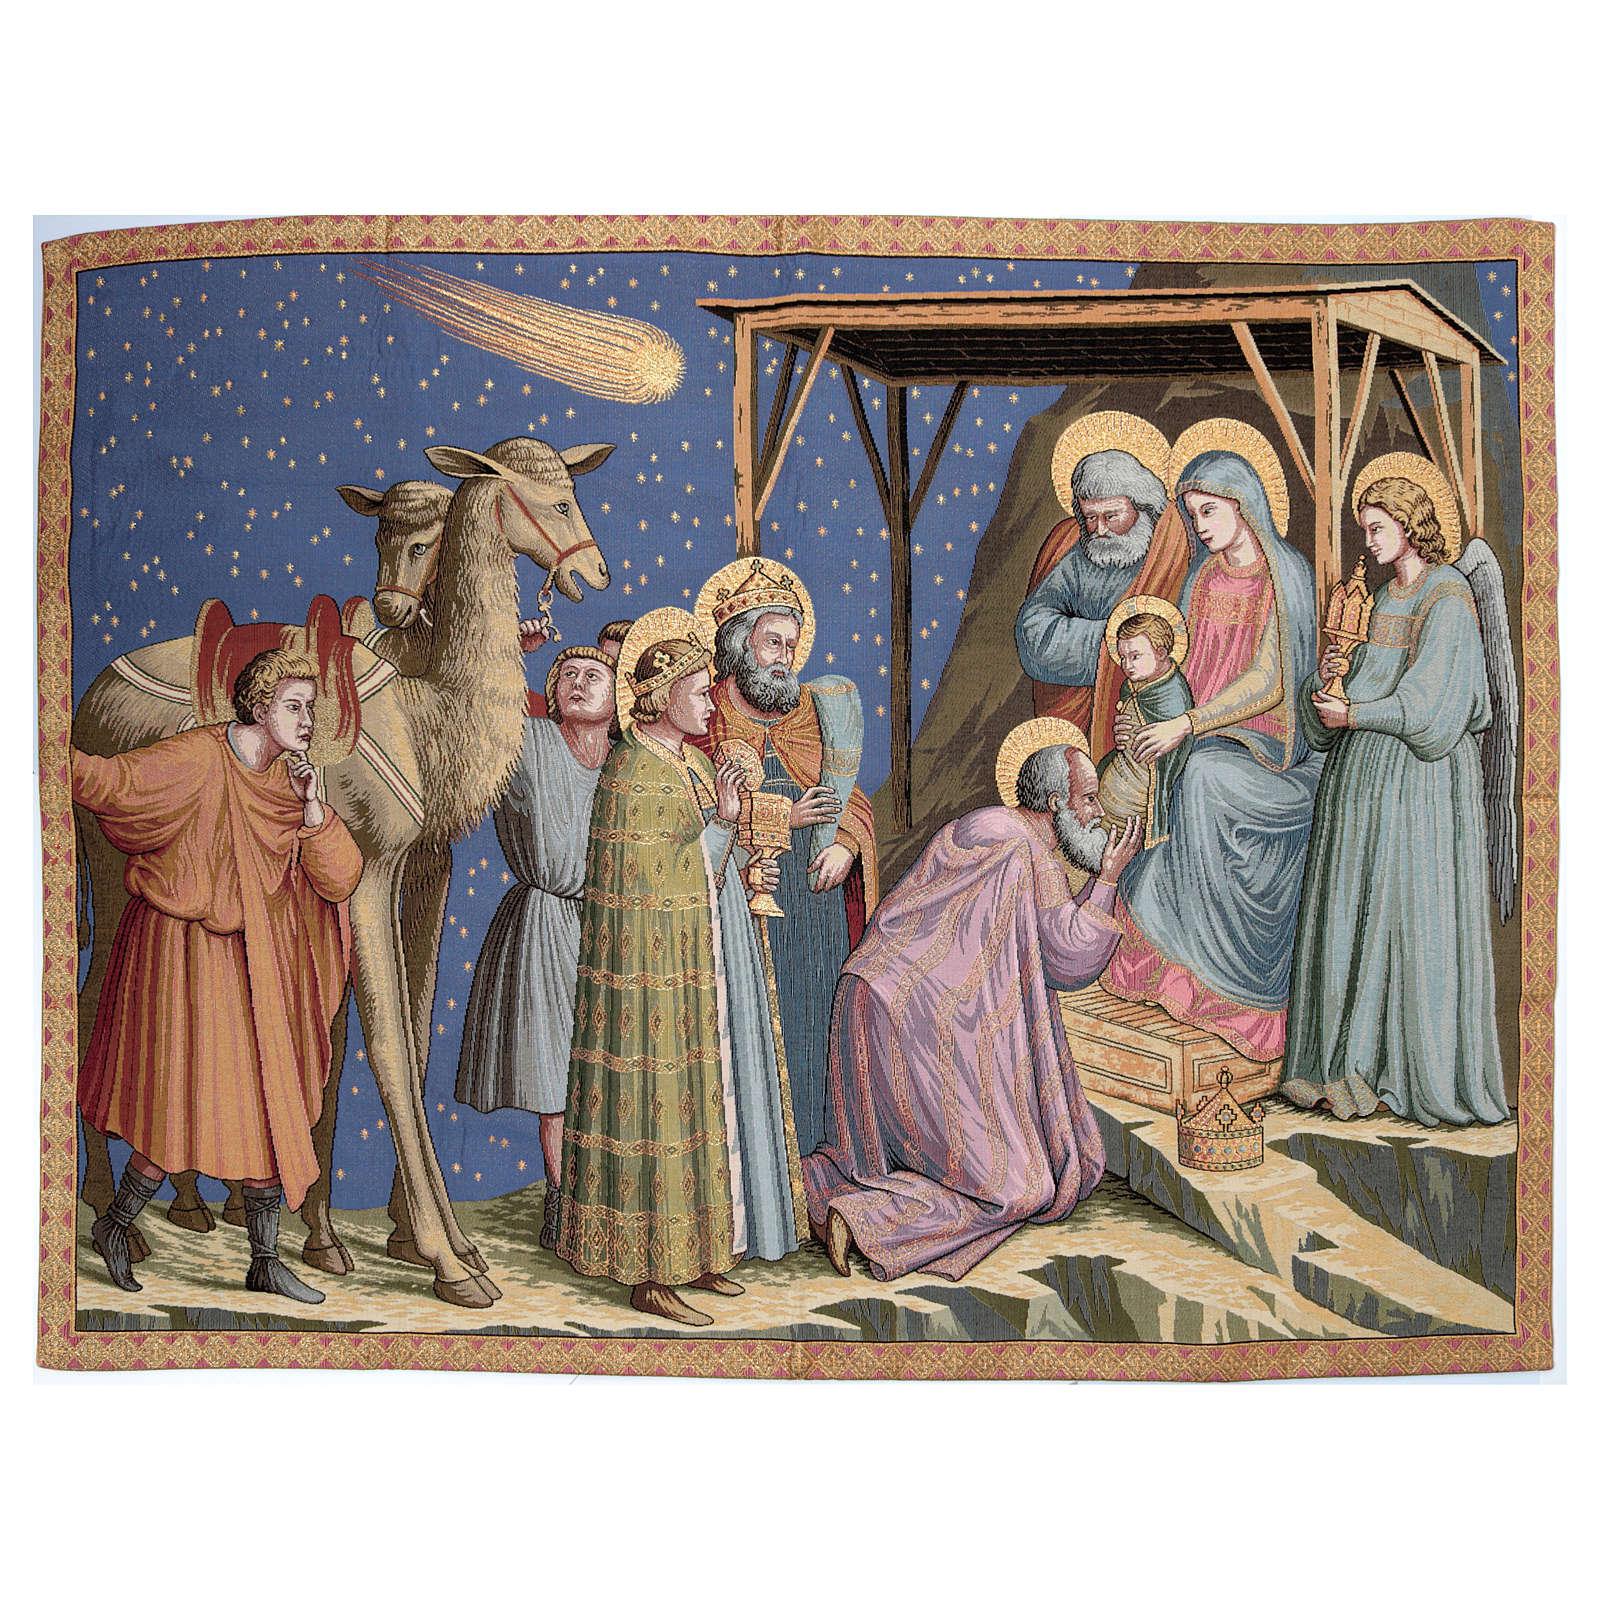 Wandteppich Anbetung der Könige nach Giotto 95x130 cm 3